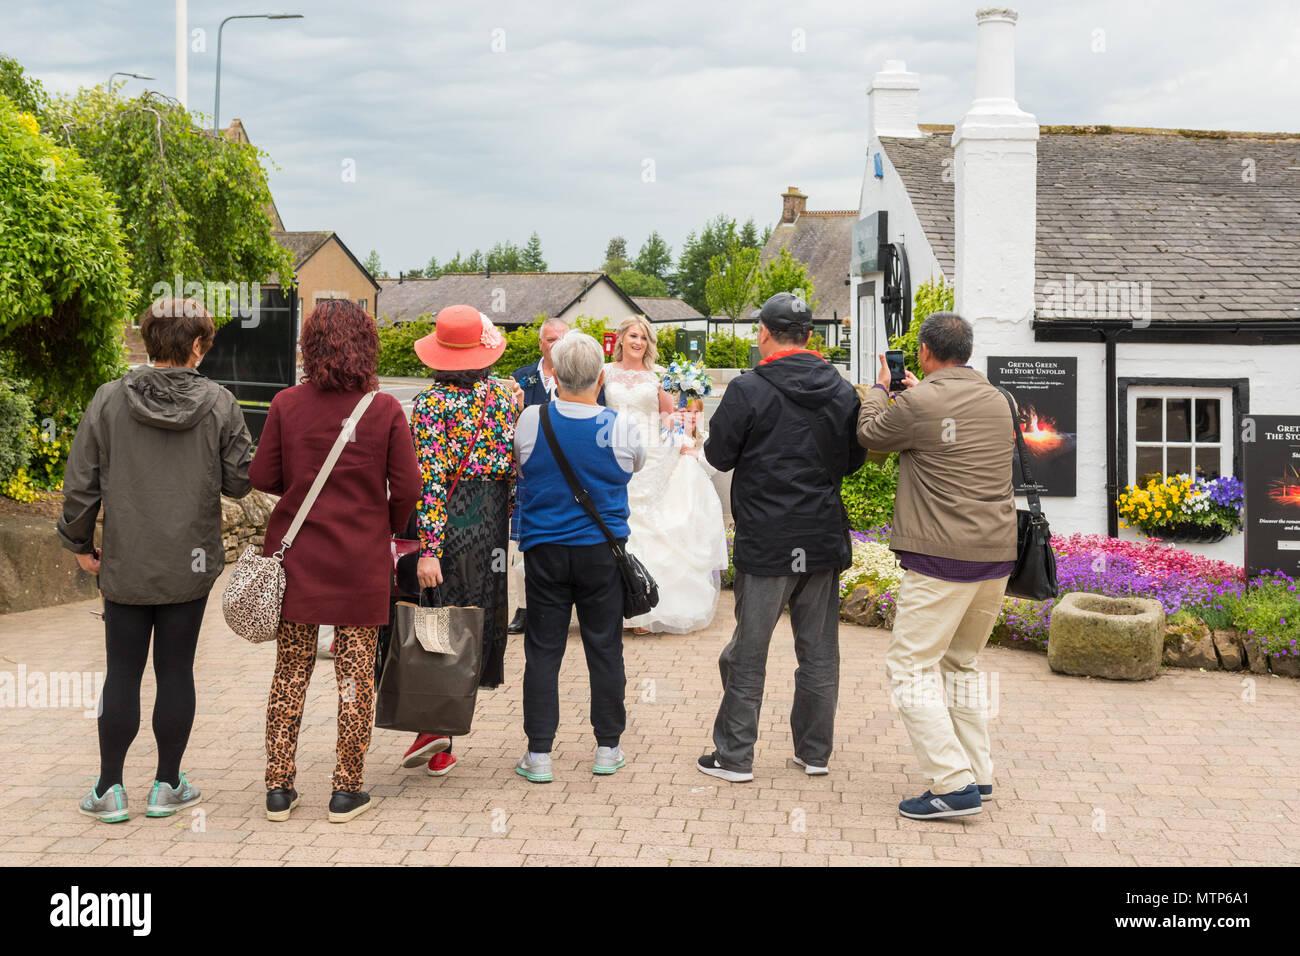 Asiatische Touristen fotografieren einer Braut ankommen für Ihre Hochzeit in Gretna Green, Schottland, Großbritannien Stockbild